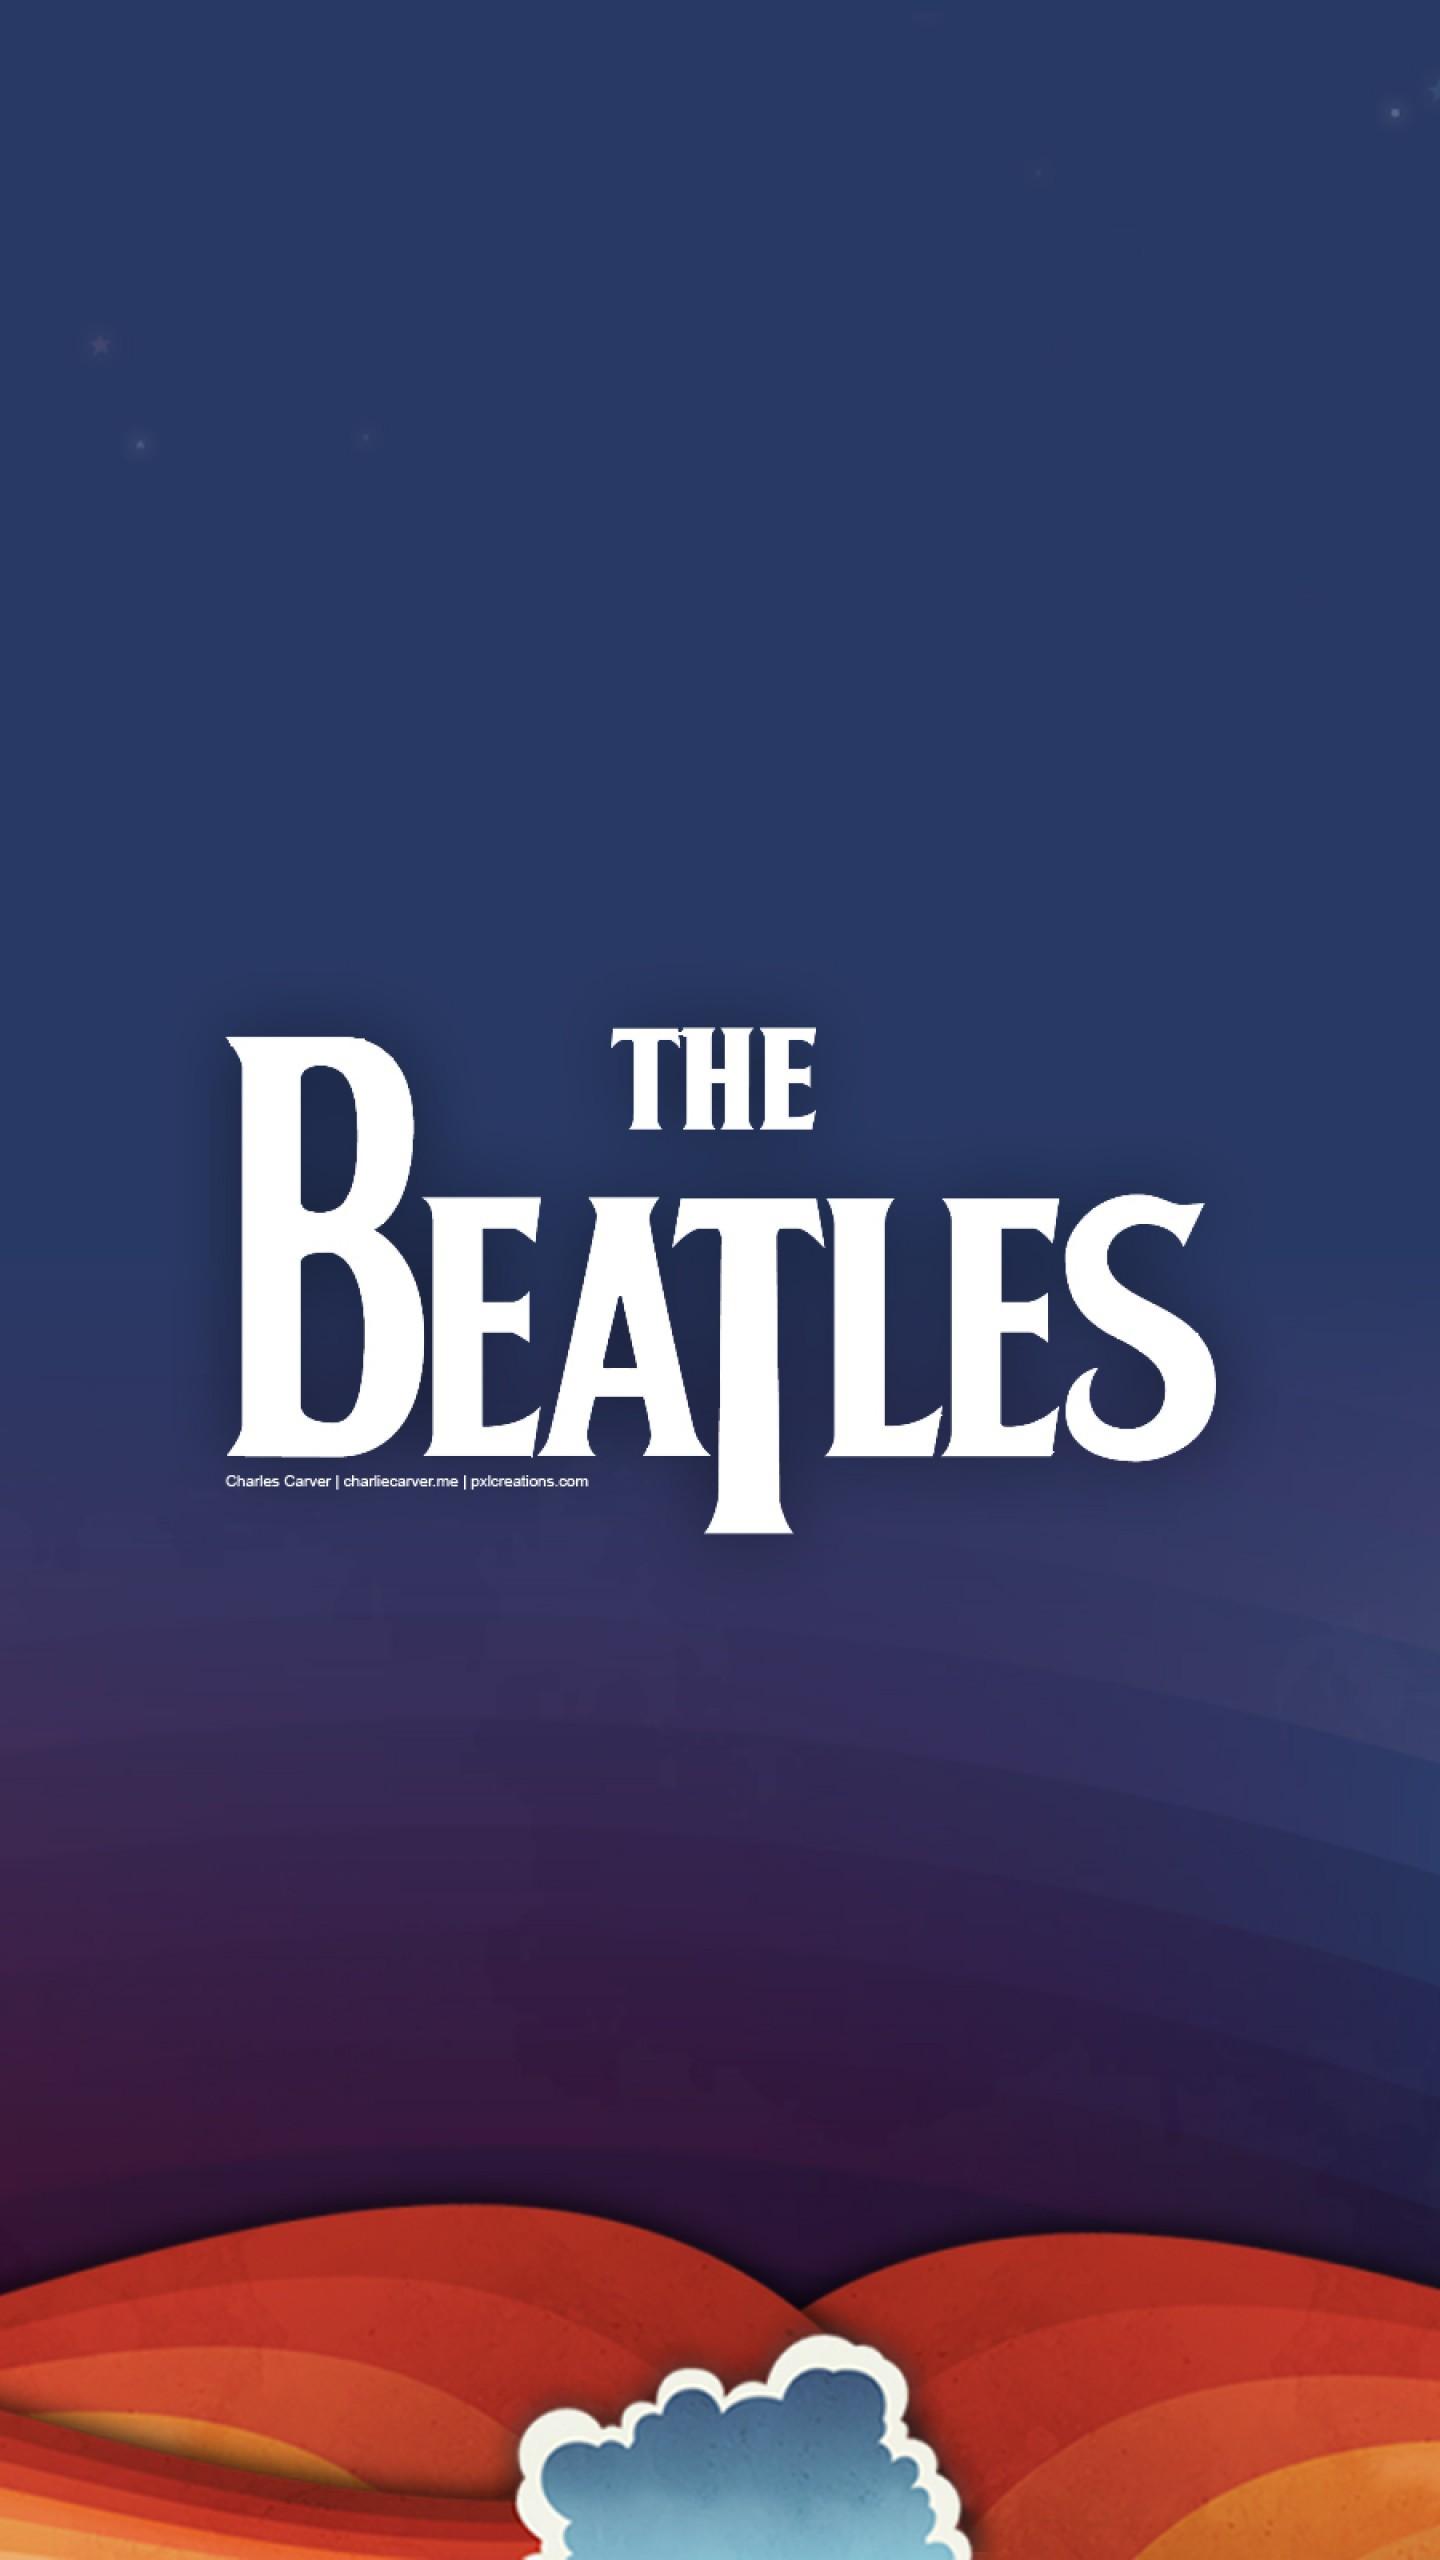 عکس زمینه گروه موسیقی راک بیتلز پس زمینه